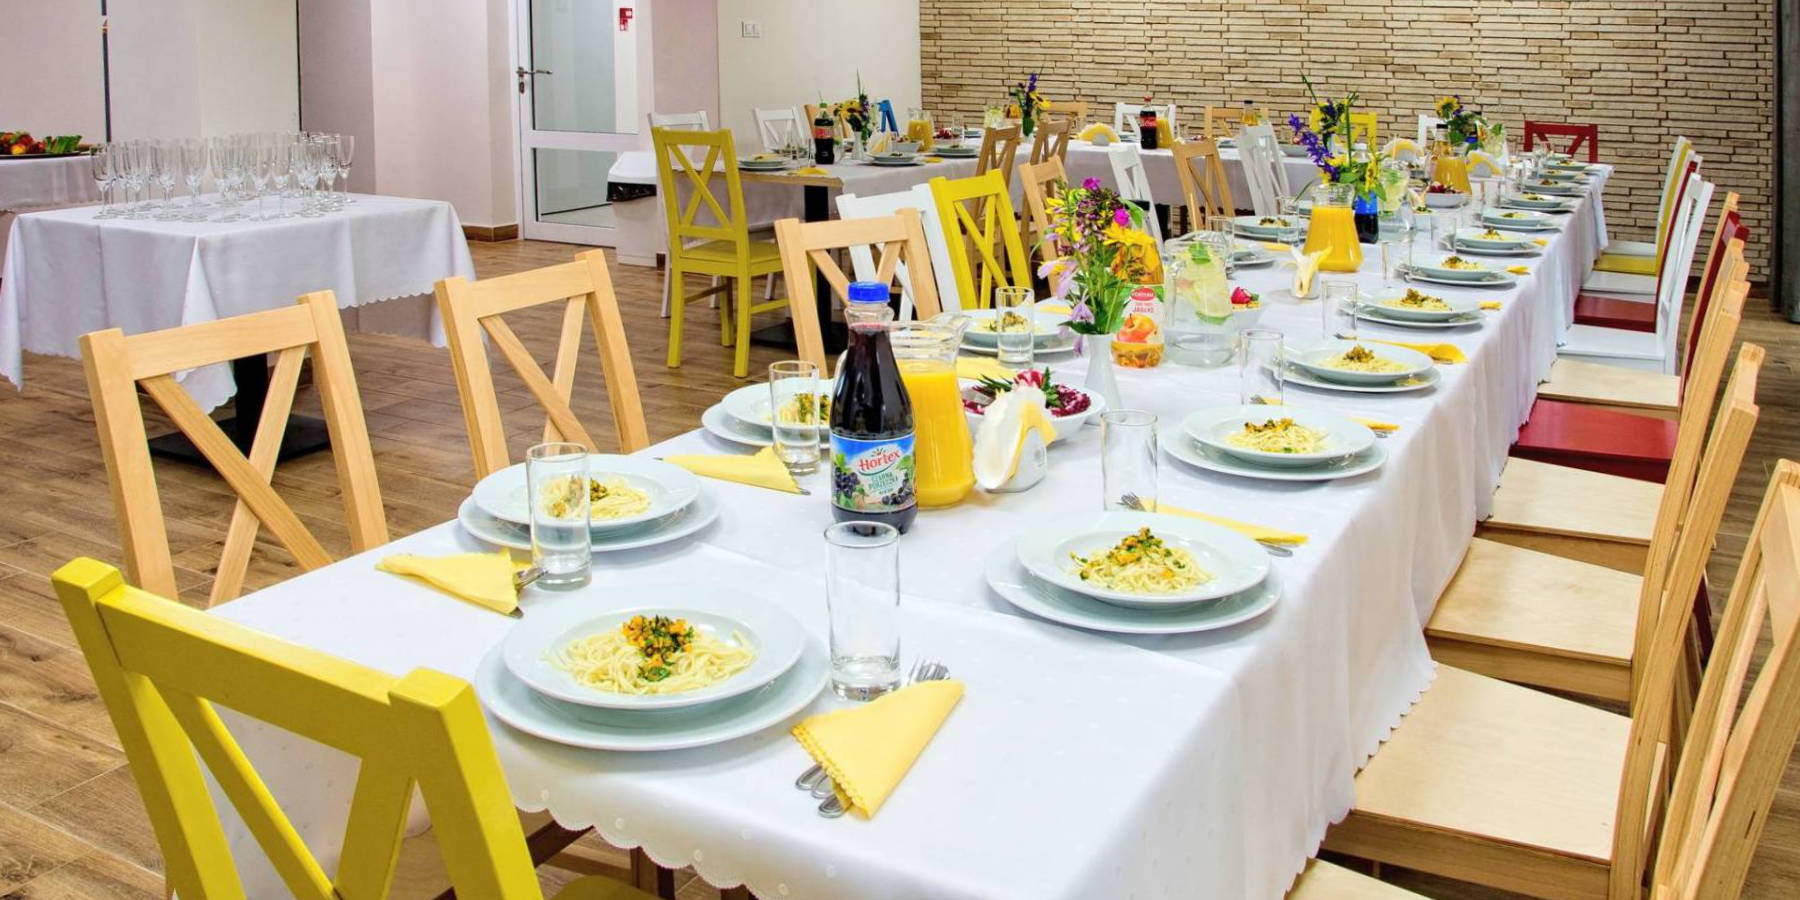 Bistro, jadalnia - Dom Seniora w Bornem Sulinowie